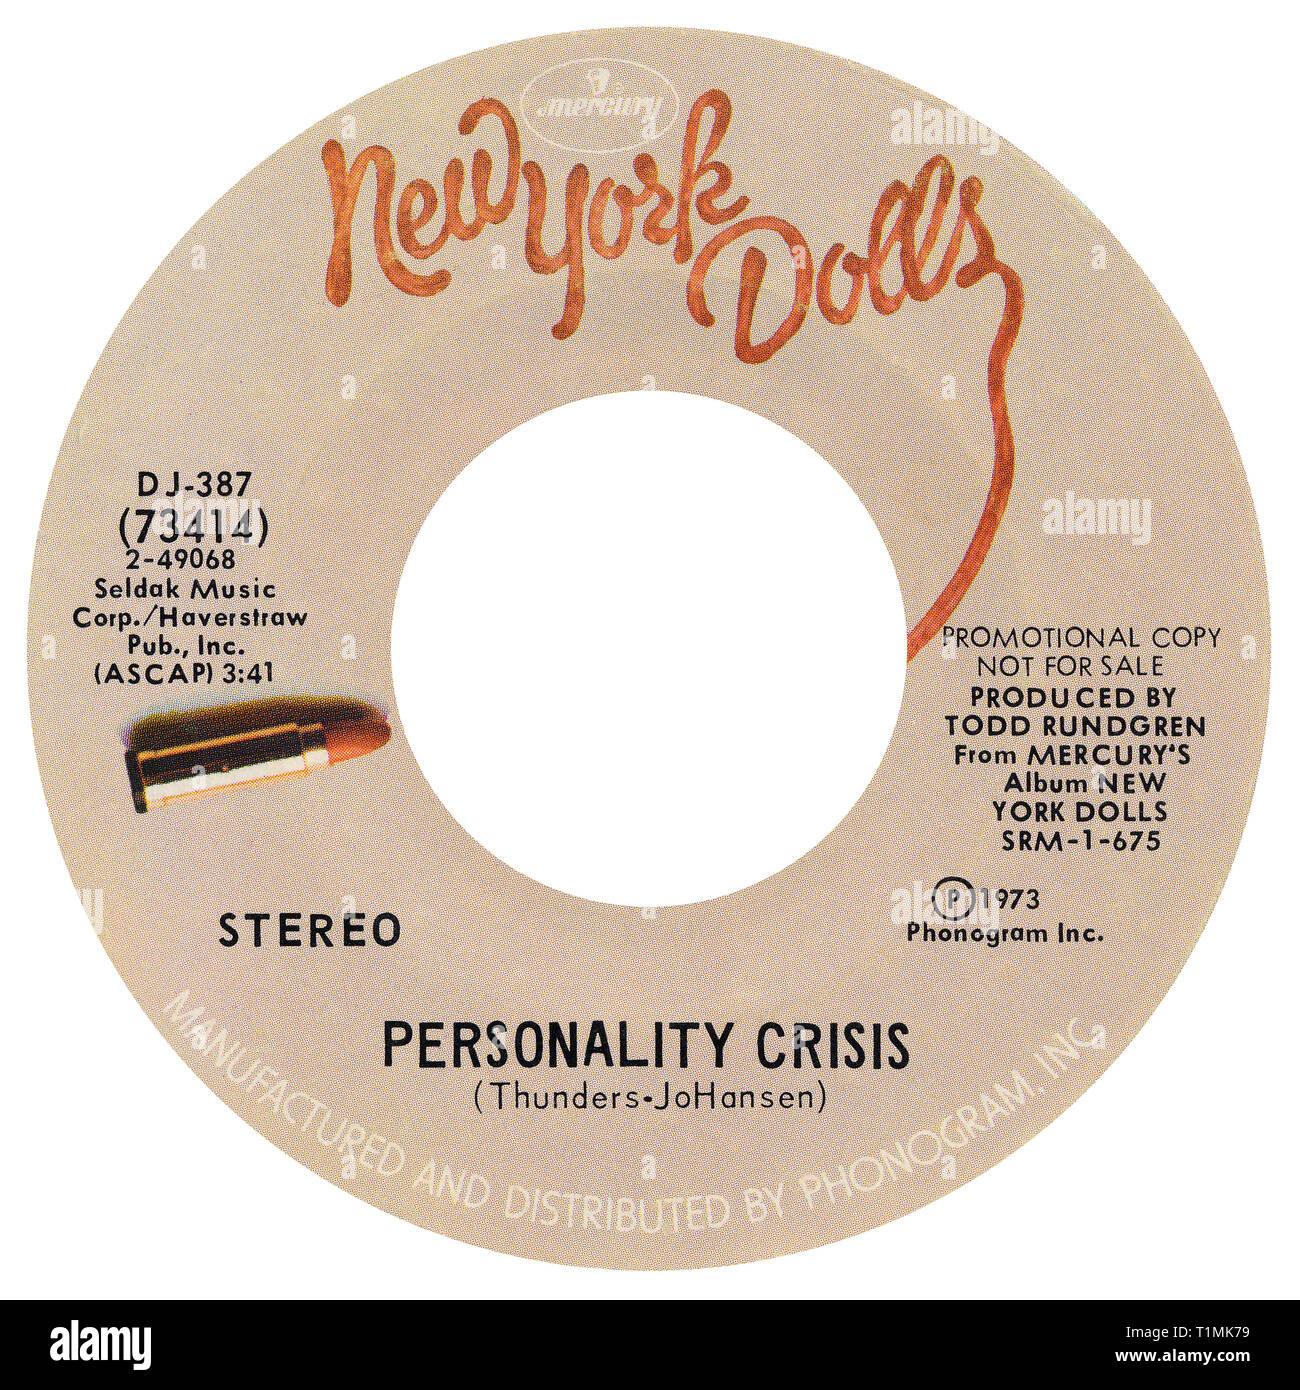 Uns 45 min Werbe single der Persönlichkeit Krise, die durch die New York Dolls auf dem Merkur Label von 1973. Von David Johansen und Johnny Thunders geschrieben und von Todd Rundgren produziert. Stockbild